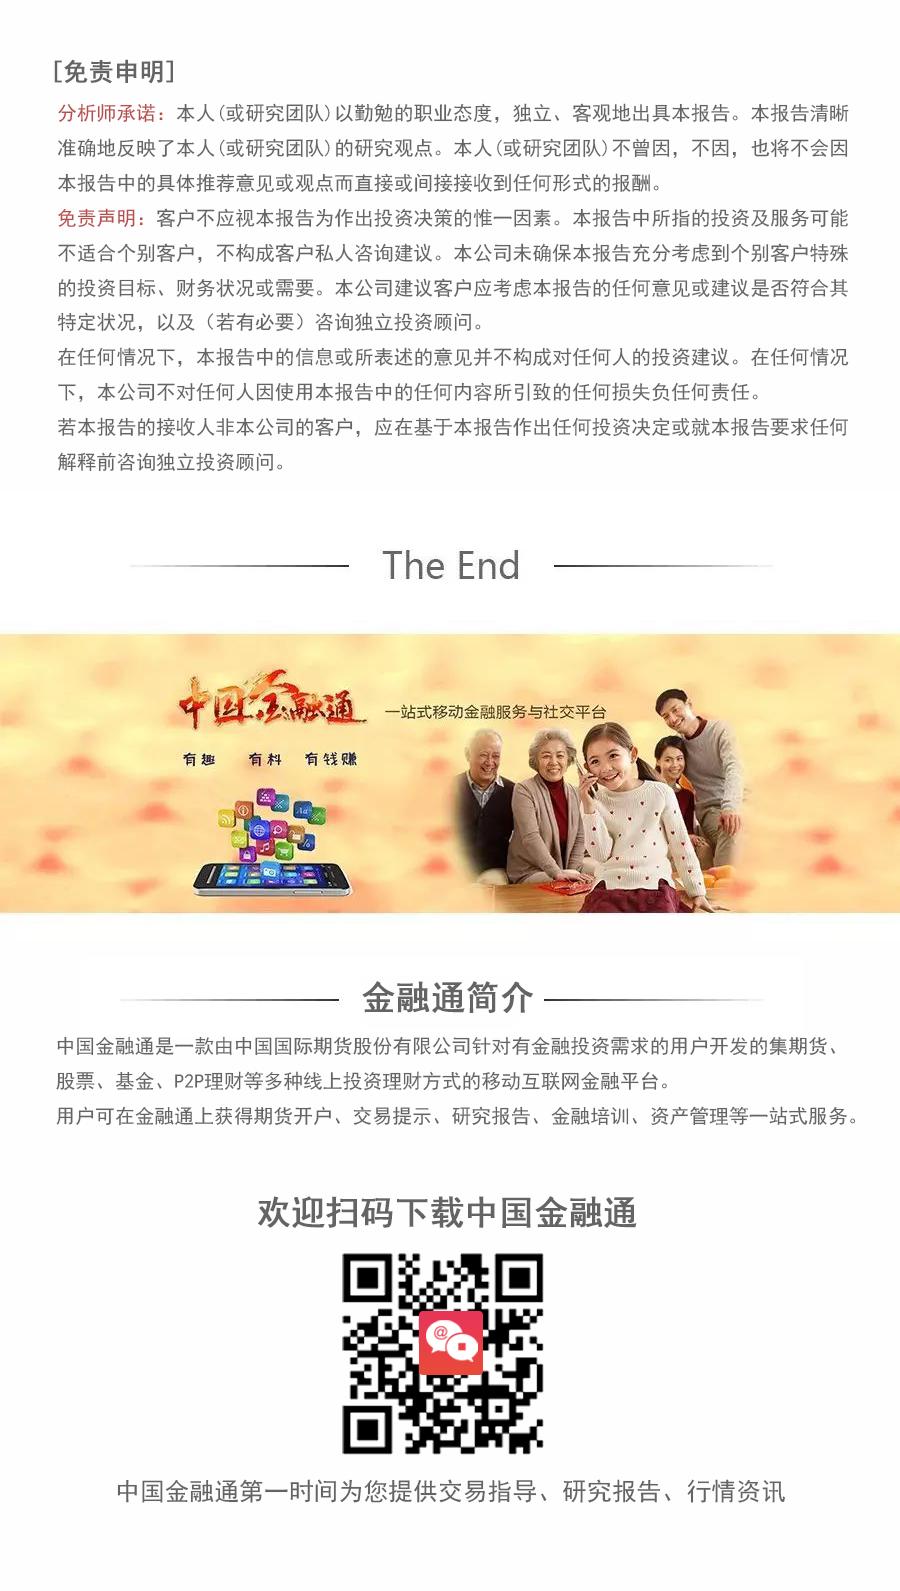 易胜博官网改版2.png